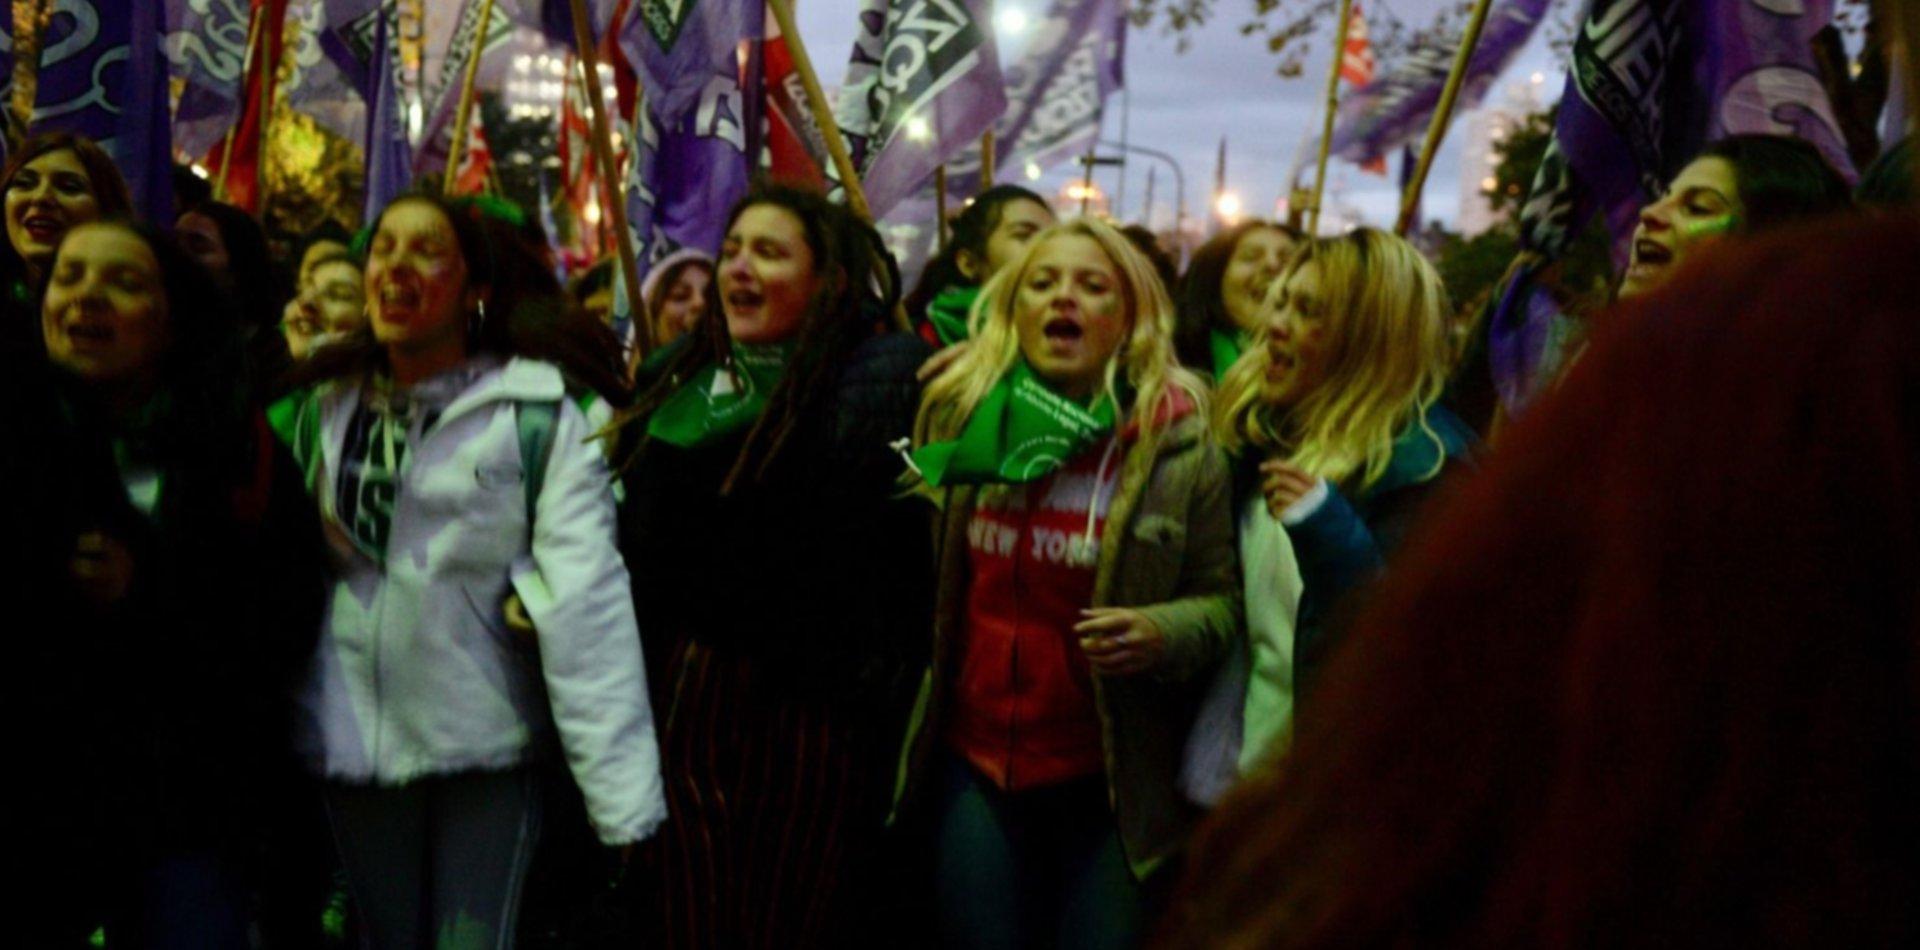 Música, performances y feria: el cronograma del circuito cultural del Encuentro Feminista